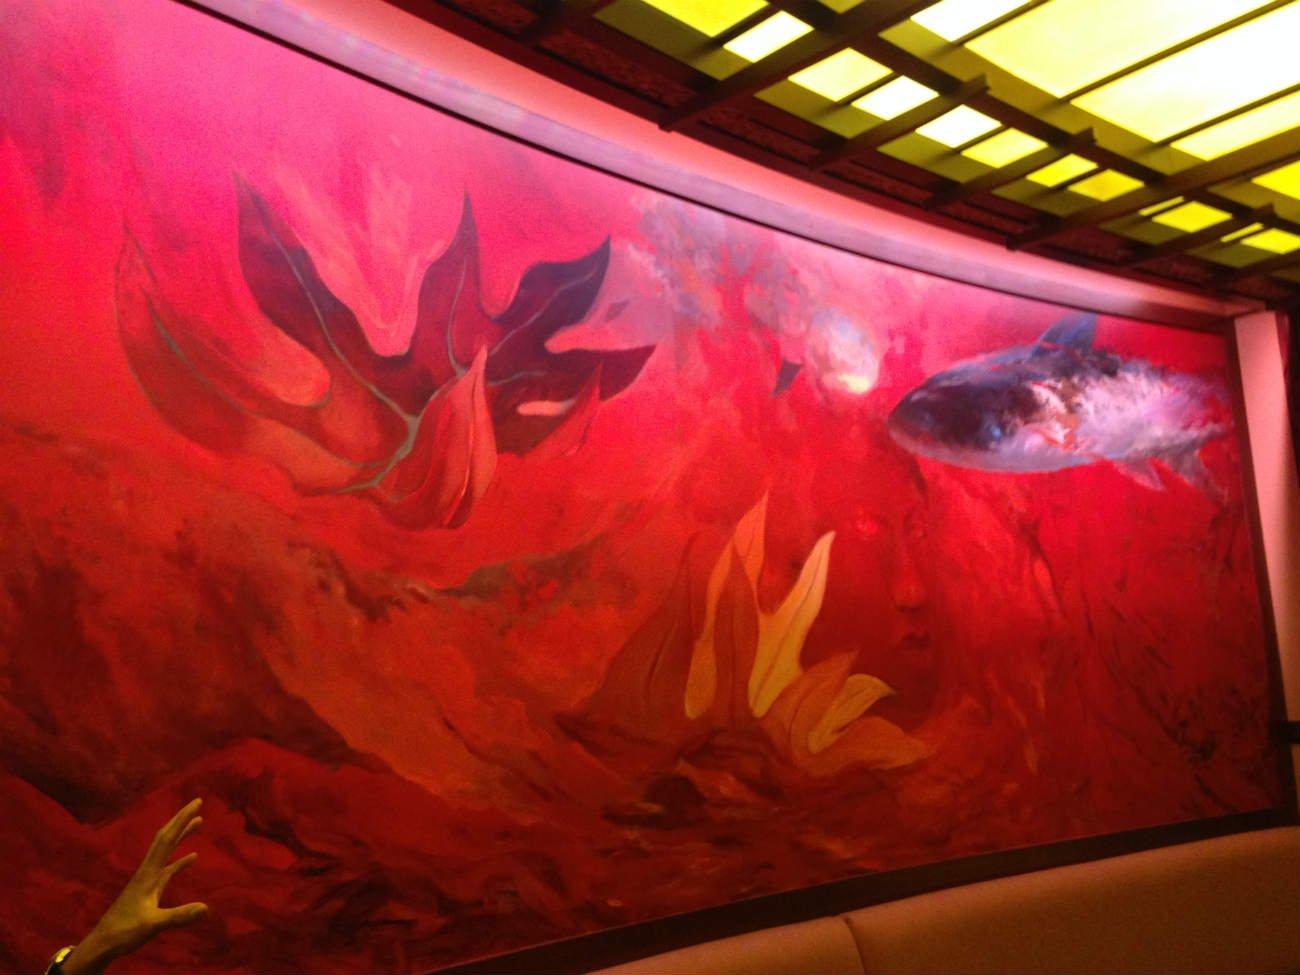 マカヒキ店内のこの絵画、ハワイに伝わる火の神